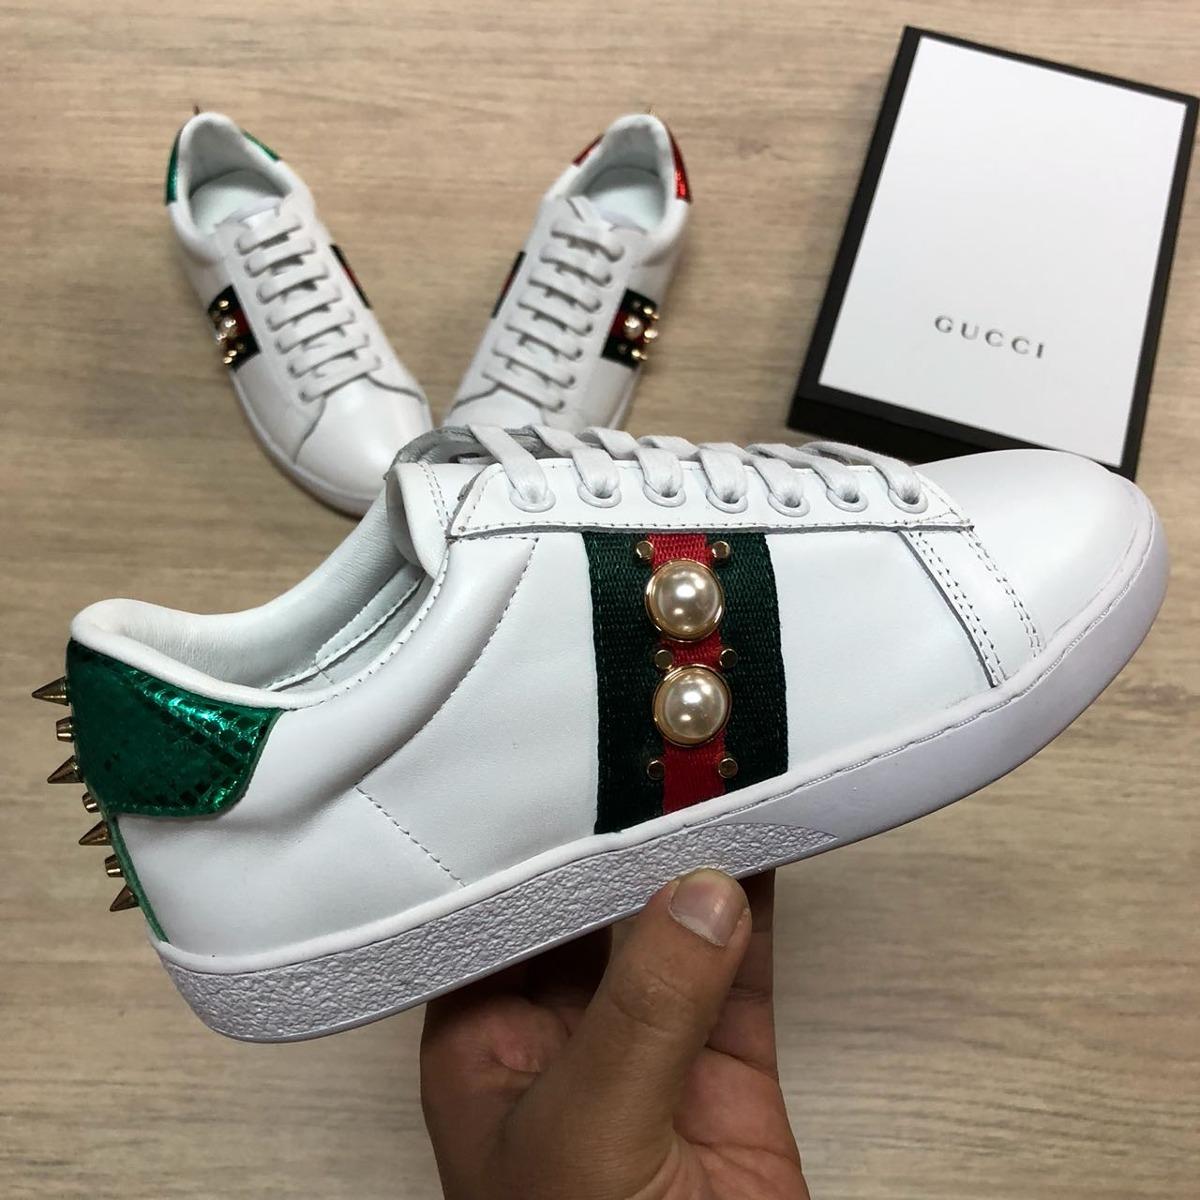 4ee3ddeb7 Tenis Zapatillas Gucci Hombre Y Mujer - $ 310.000 en Mercado Libre